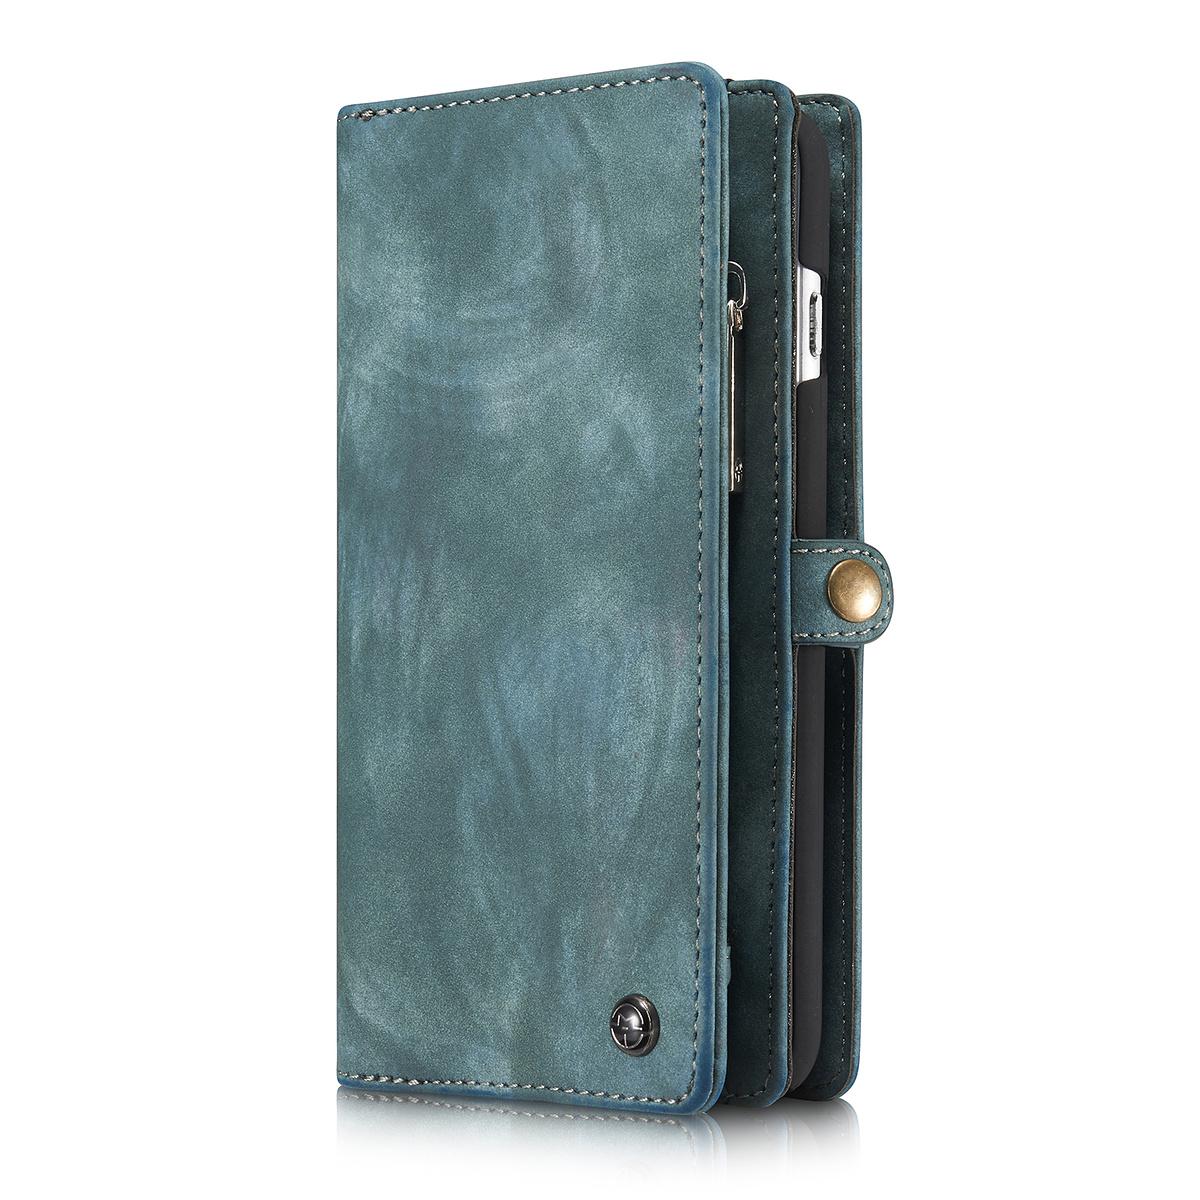 CaseMe plånboksfodral med magnetskal, iPhone 6/6S Plus, blå